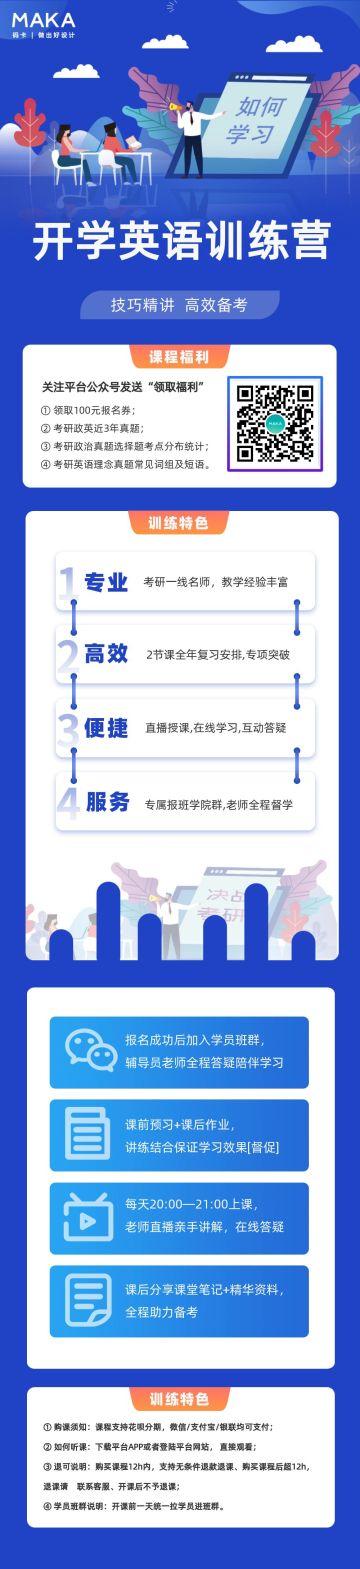 蓝色简约风辅导班课程招生文章长图模板